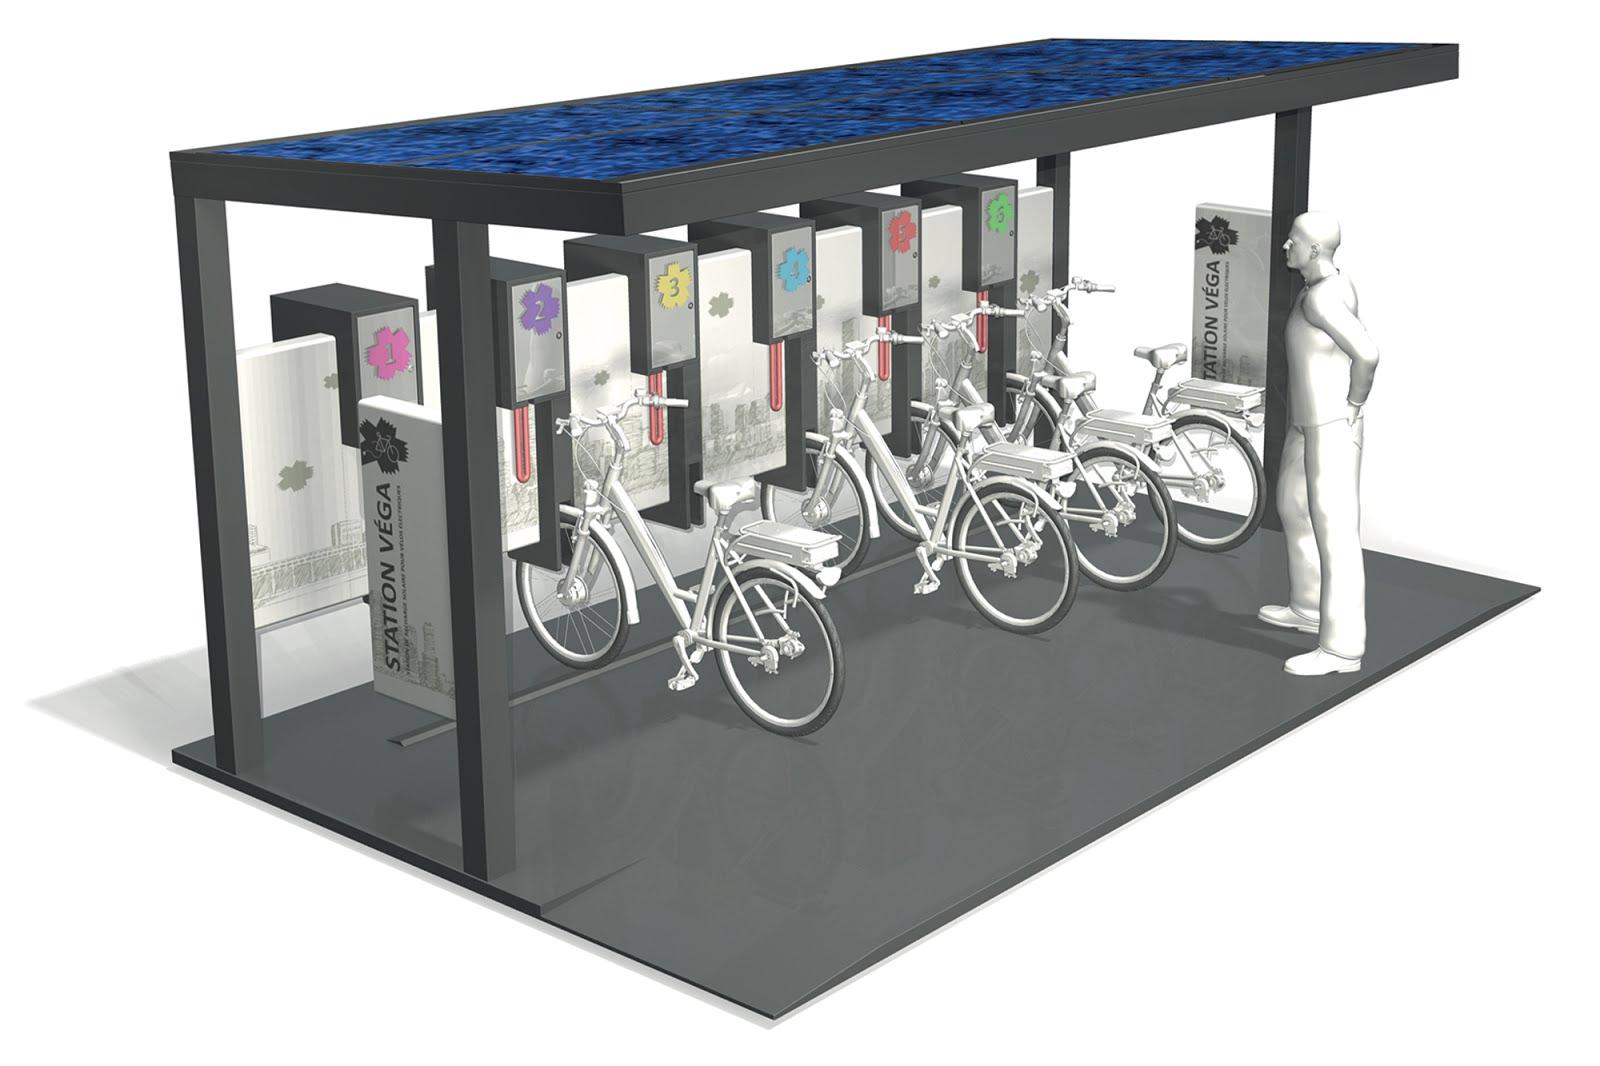 Energía solar y bicis eléctricas